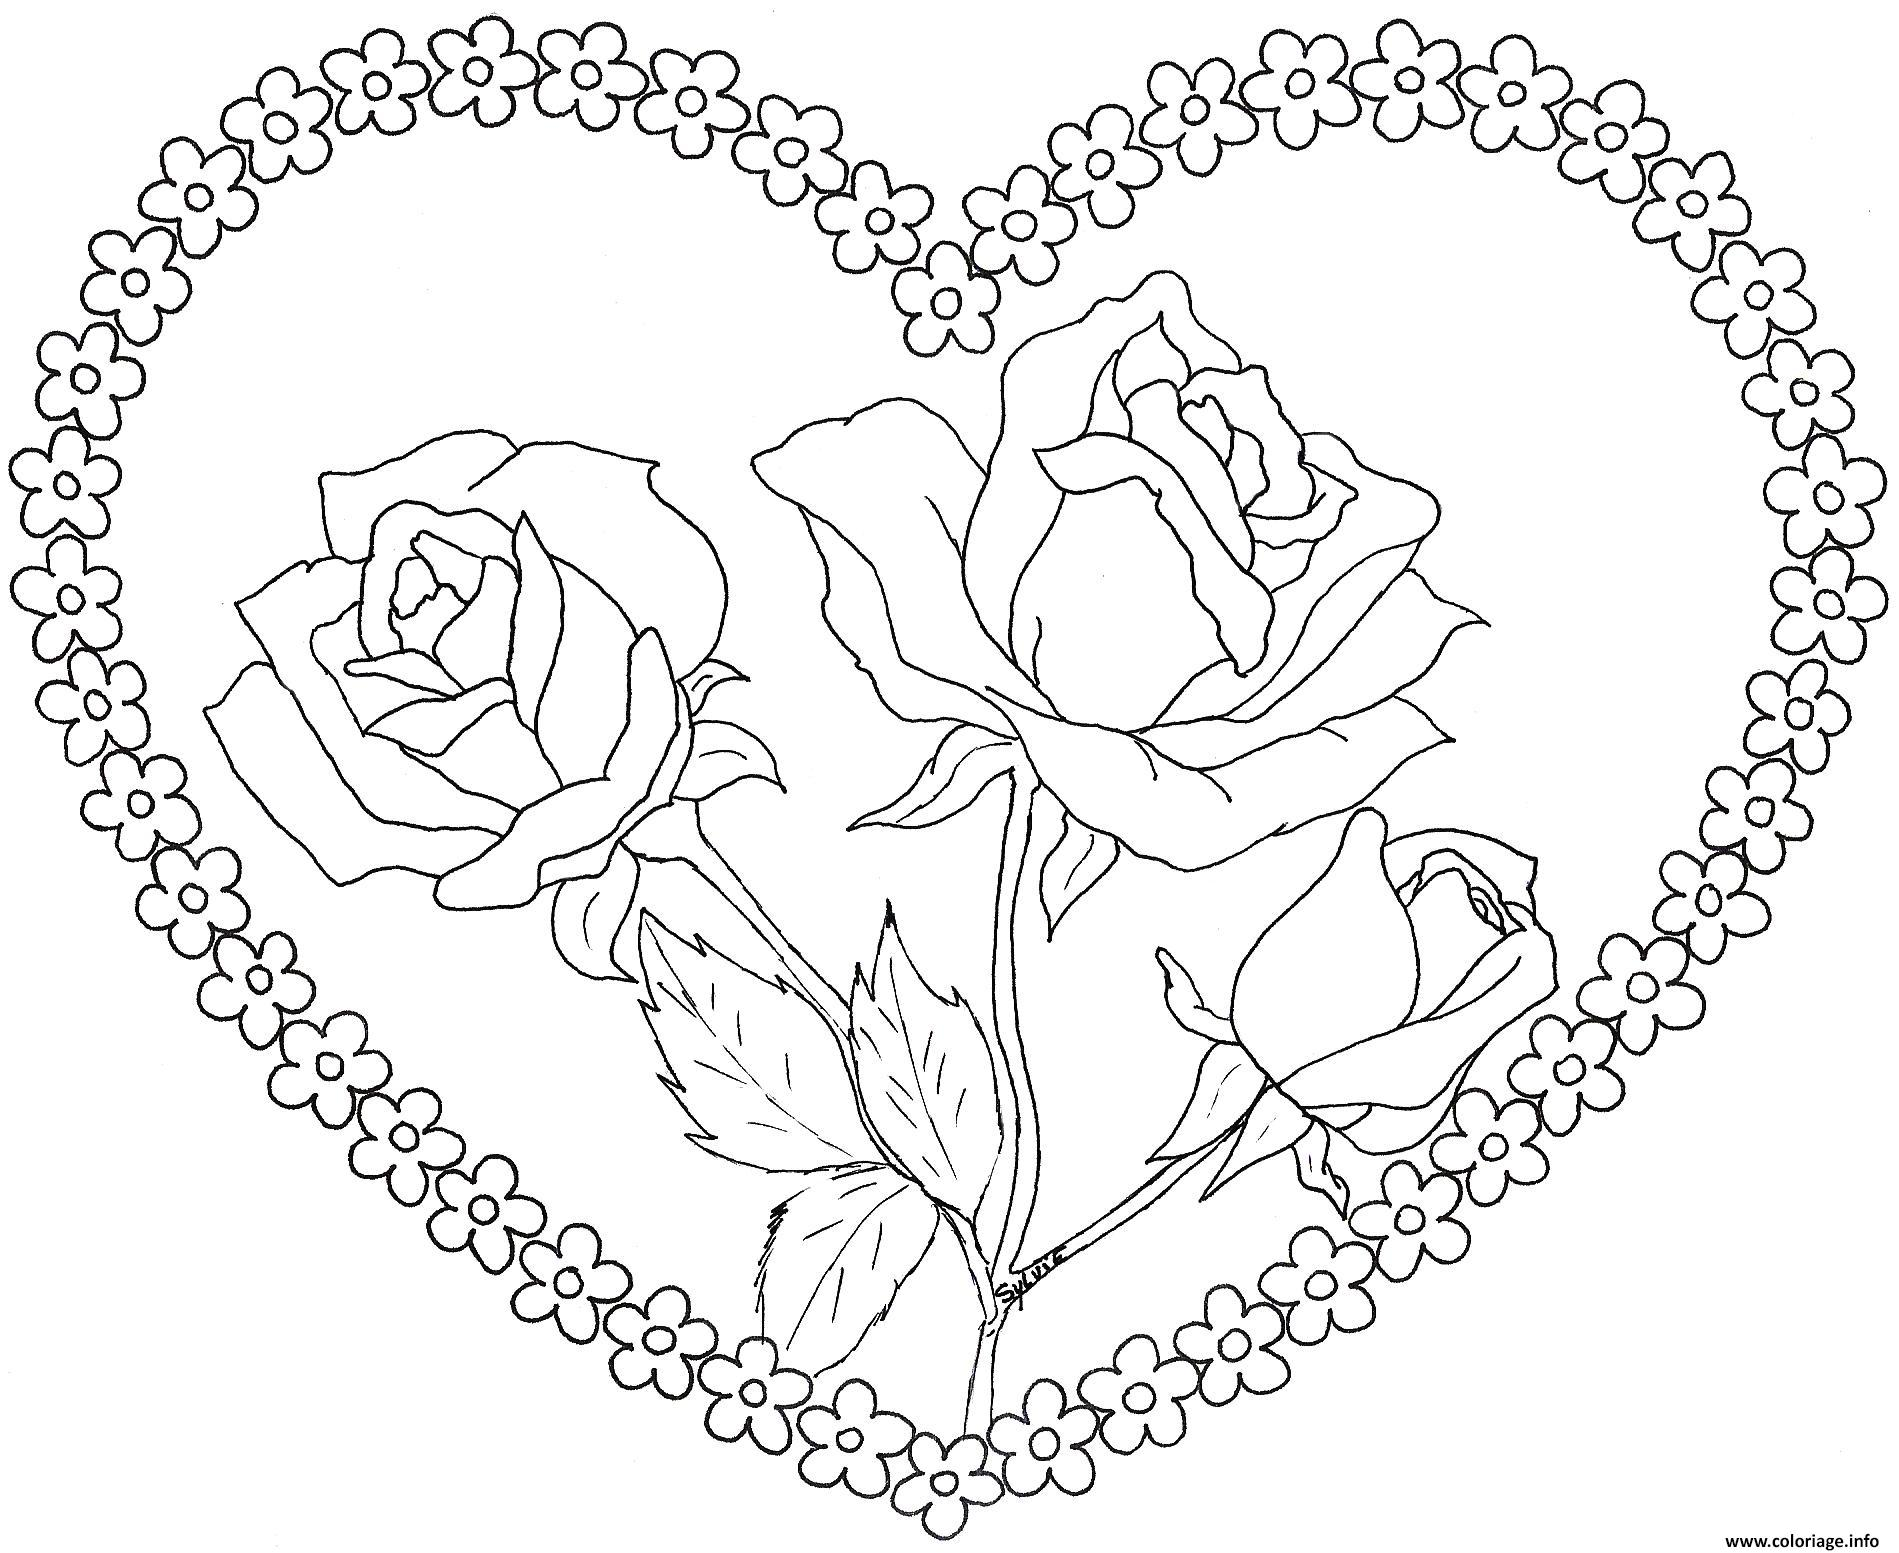 Coloriage Bouquet De Fleurs En Forme De Coeur Dessin